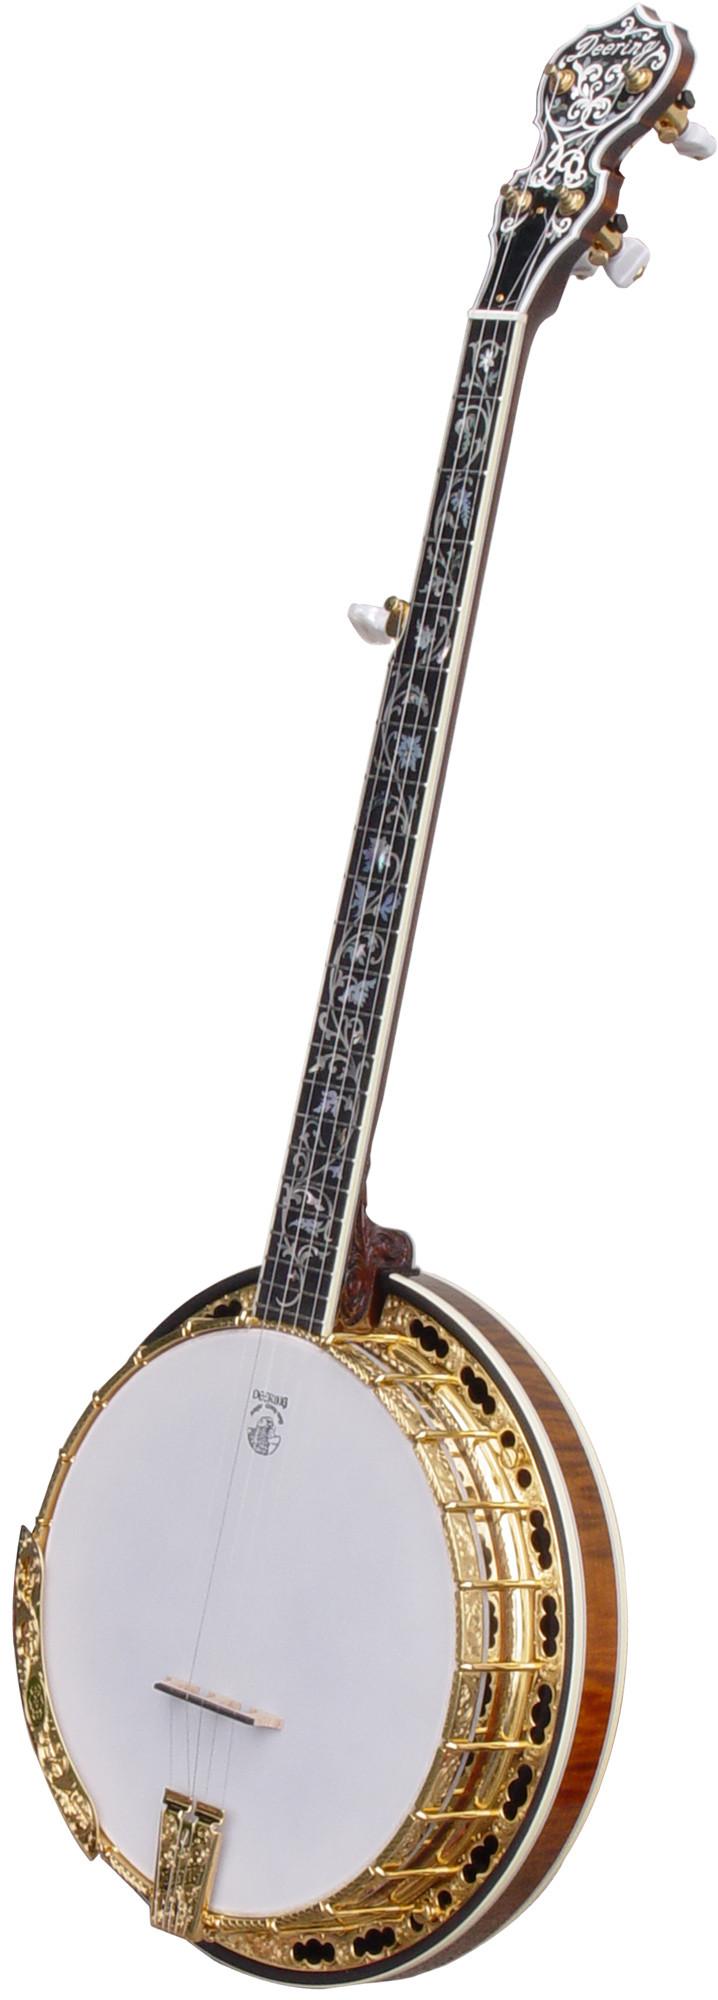 Deering Tree of Life 5-String Banjo